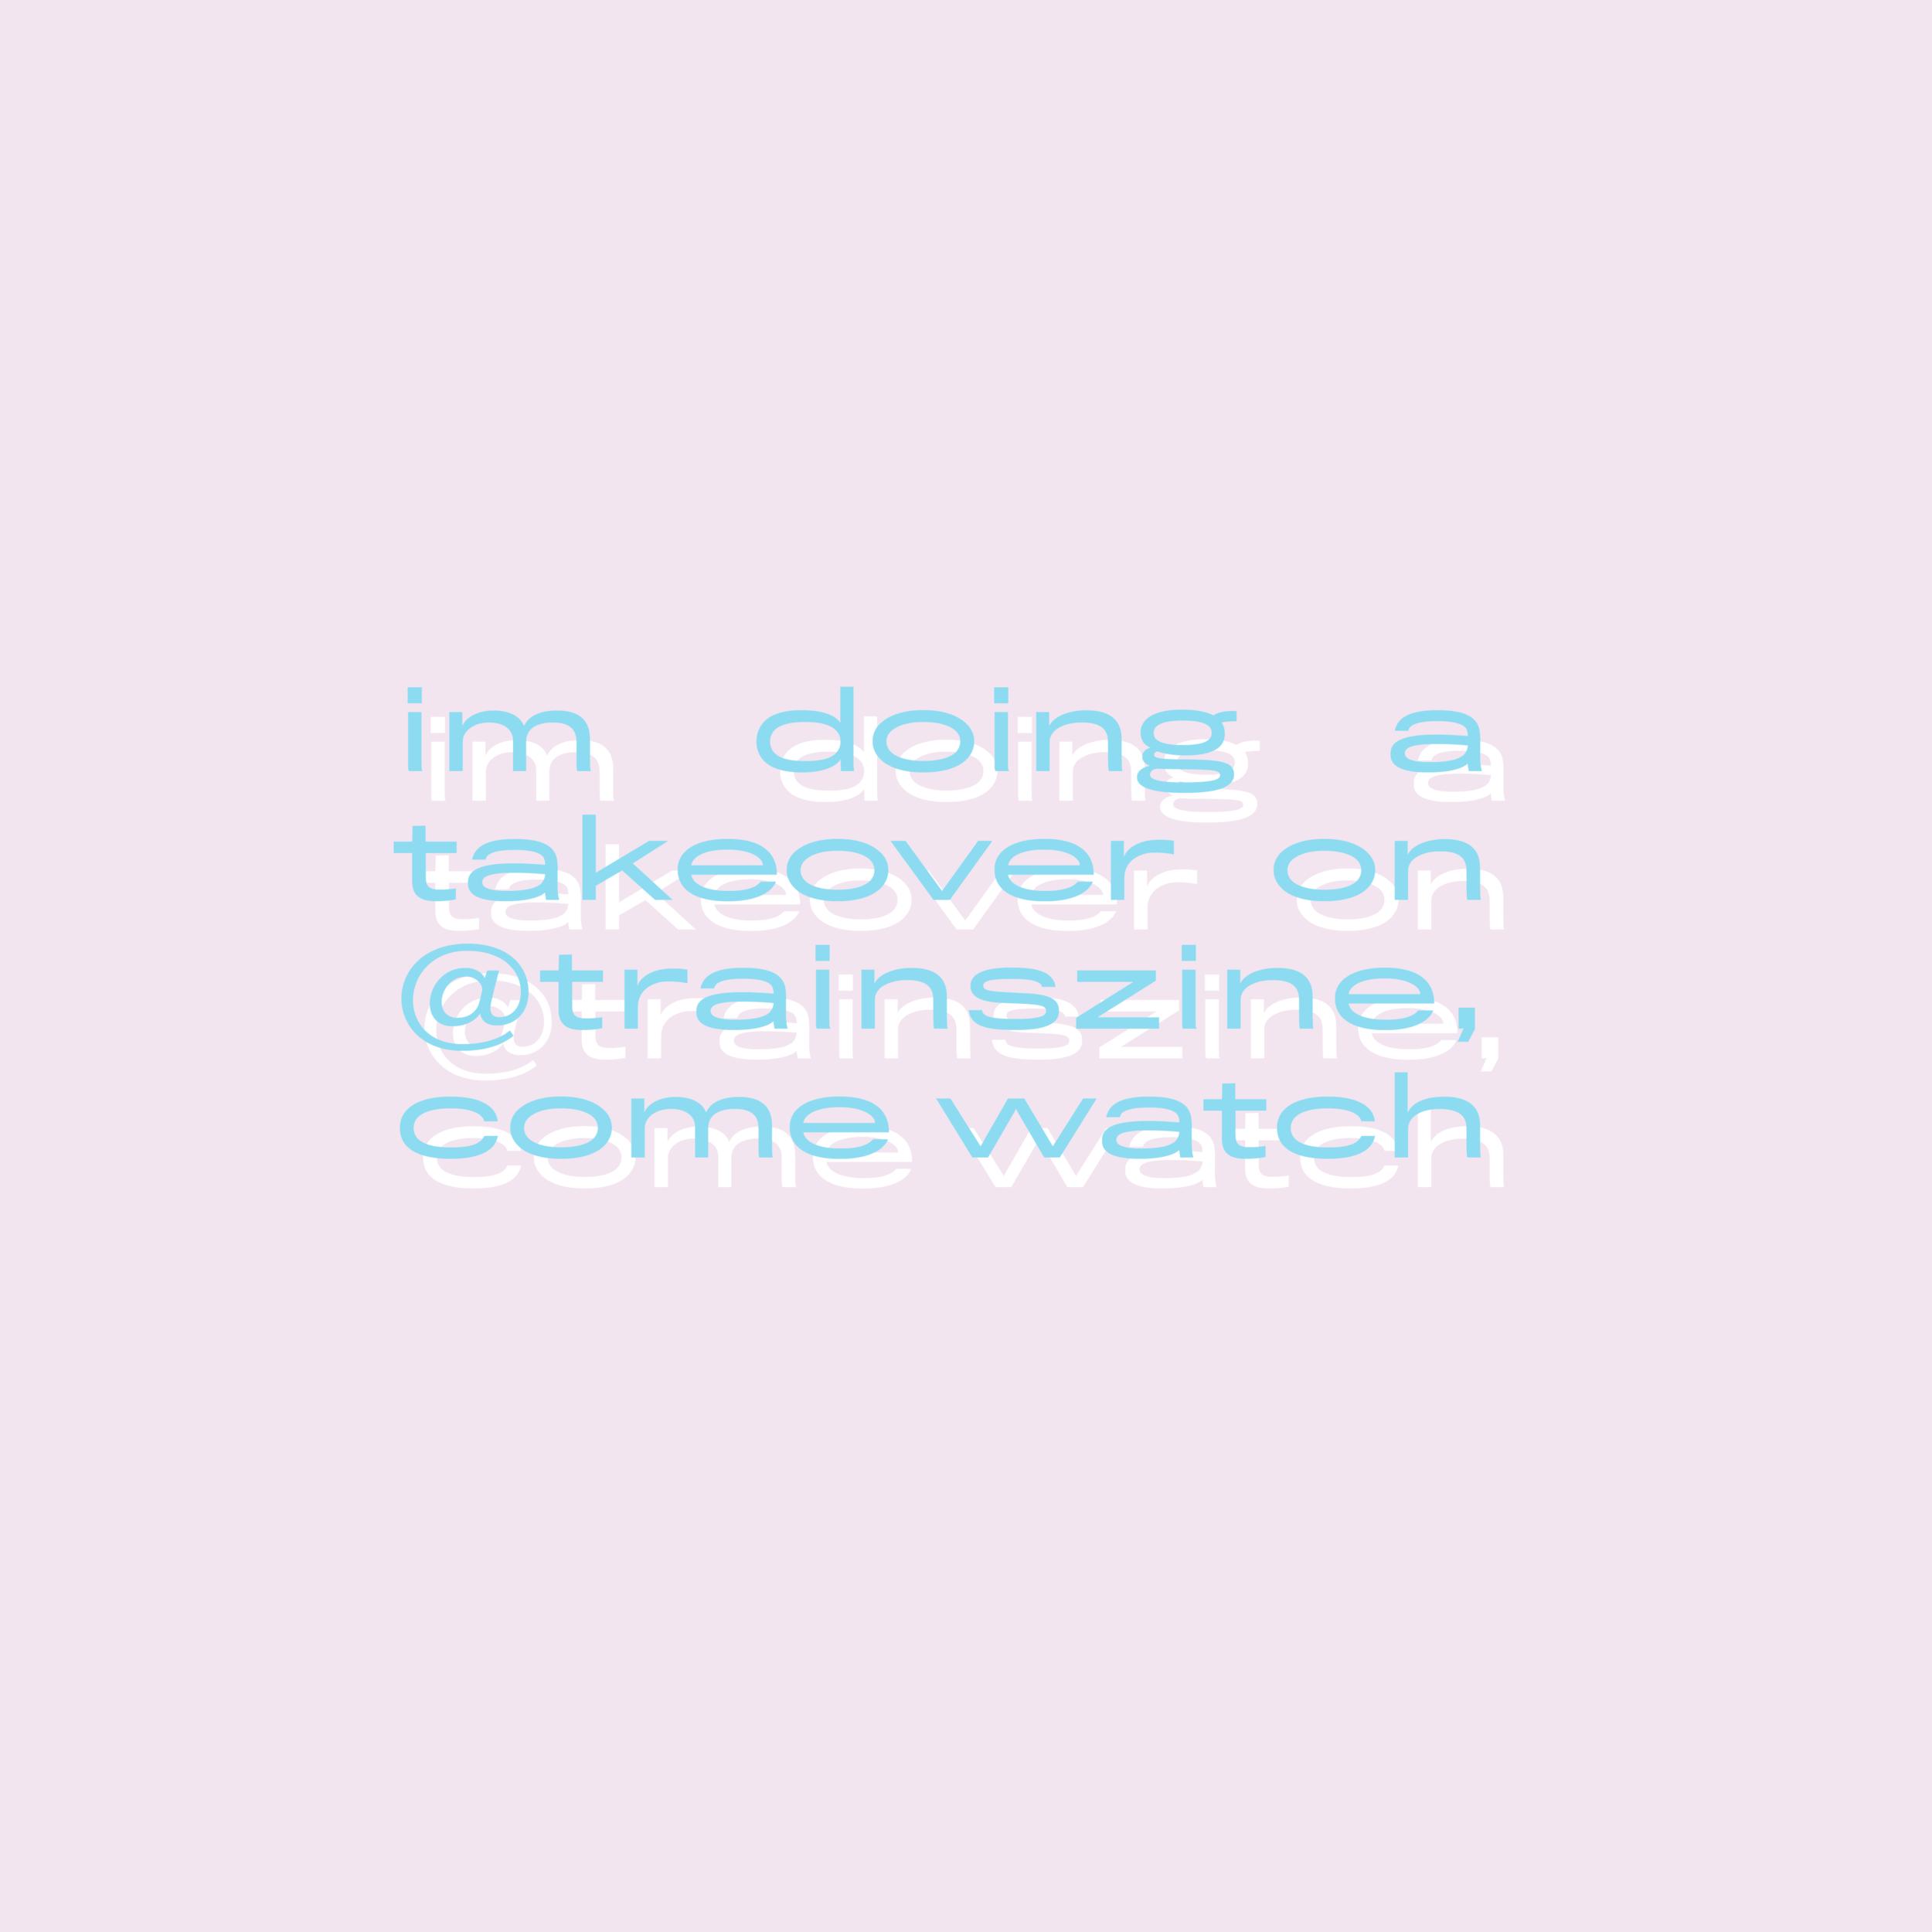 trains zine announcement v2.png